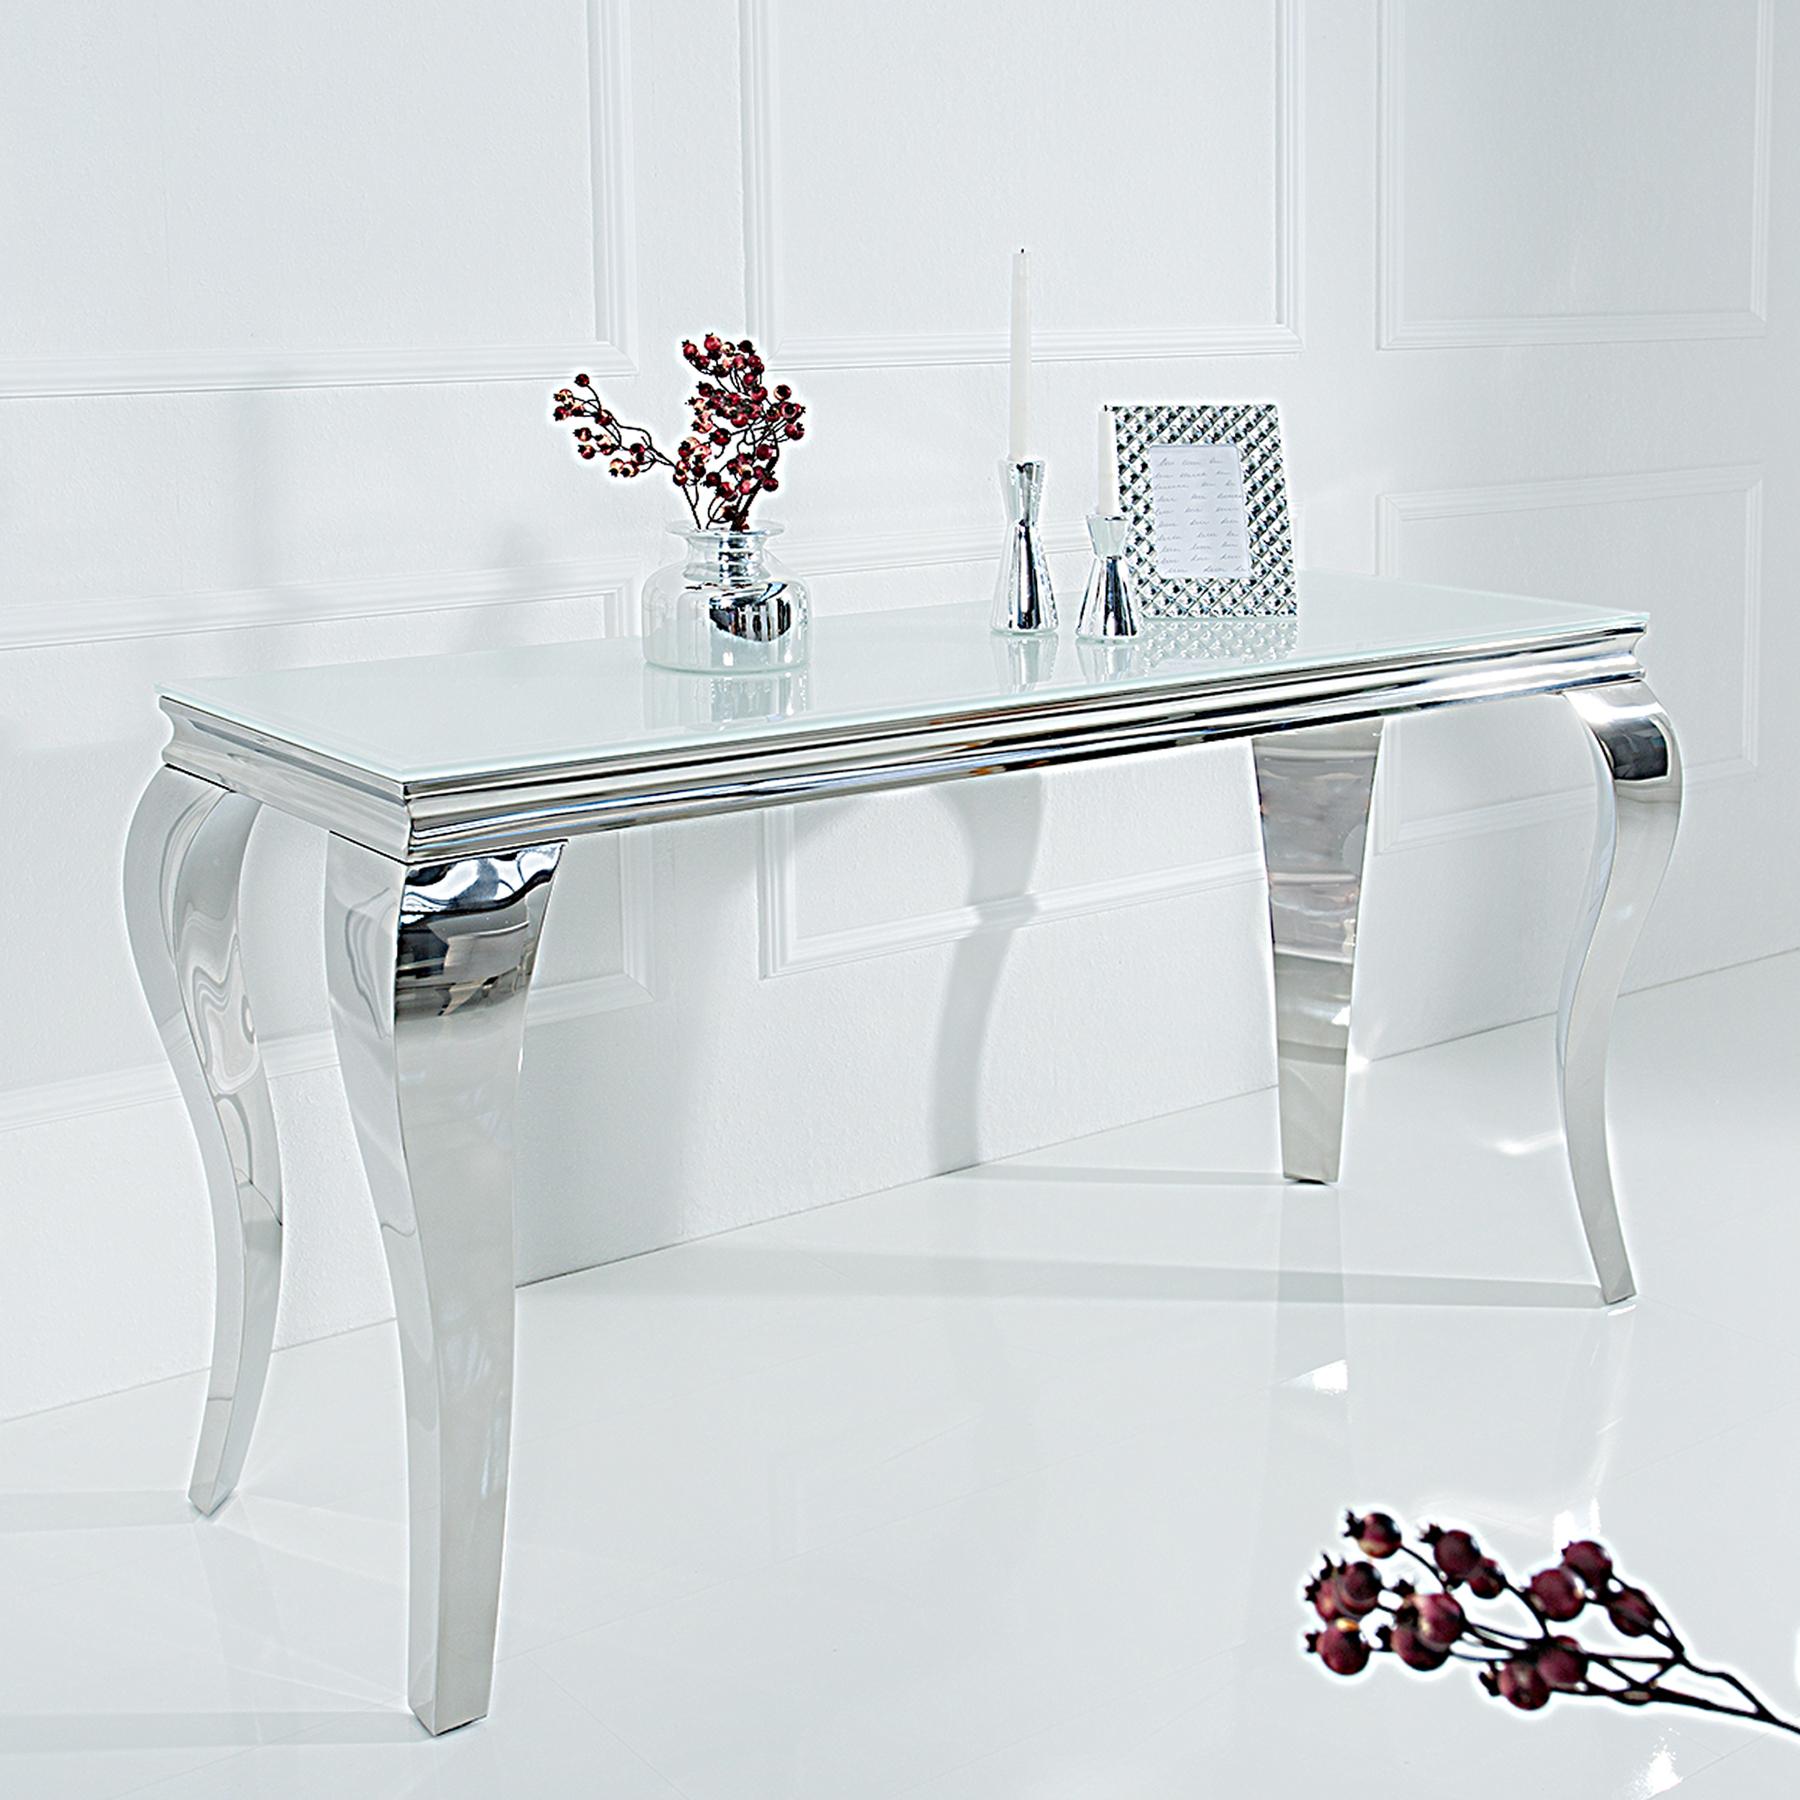 konsolentisch modern barock 140cm wei opalglas beistelltisch tisch konsole ebay. Black Bedroom Furniture Sets. Home Design Ideas